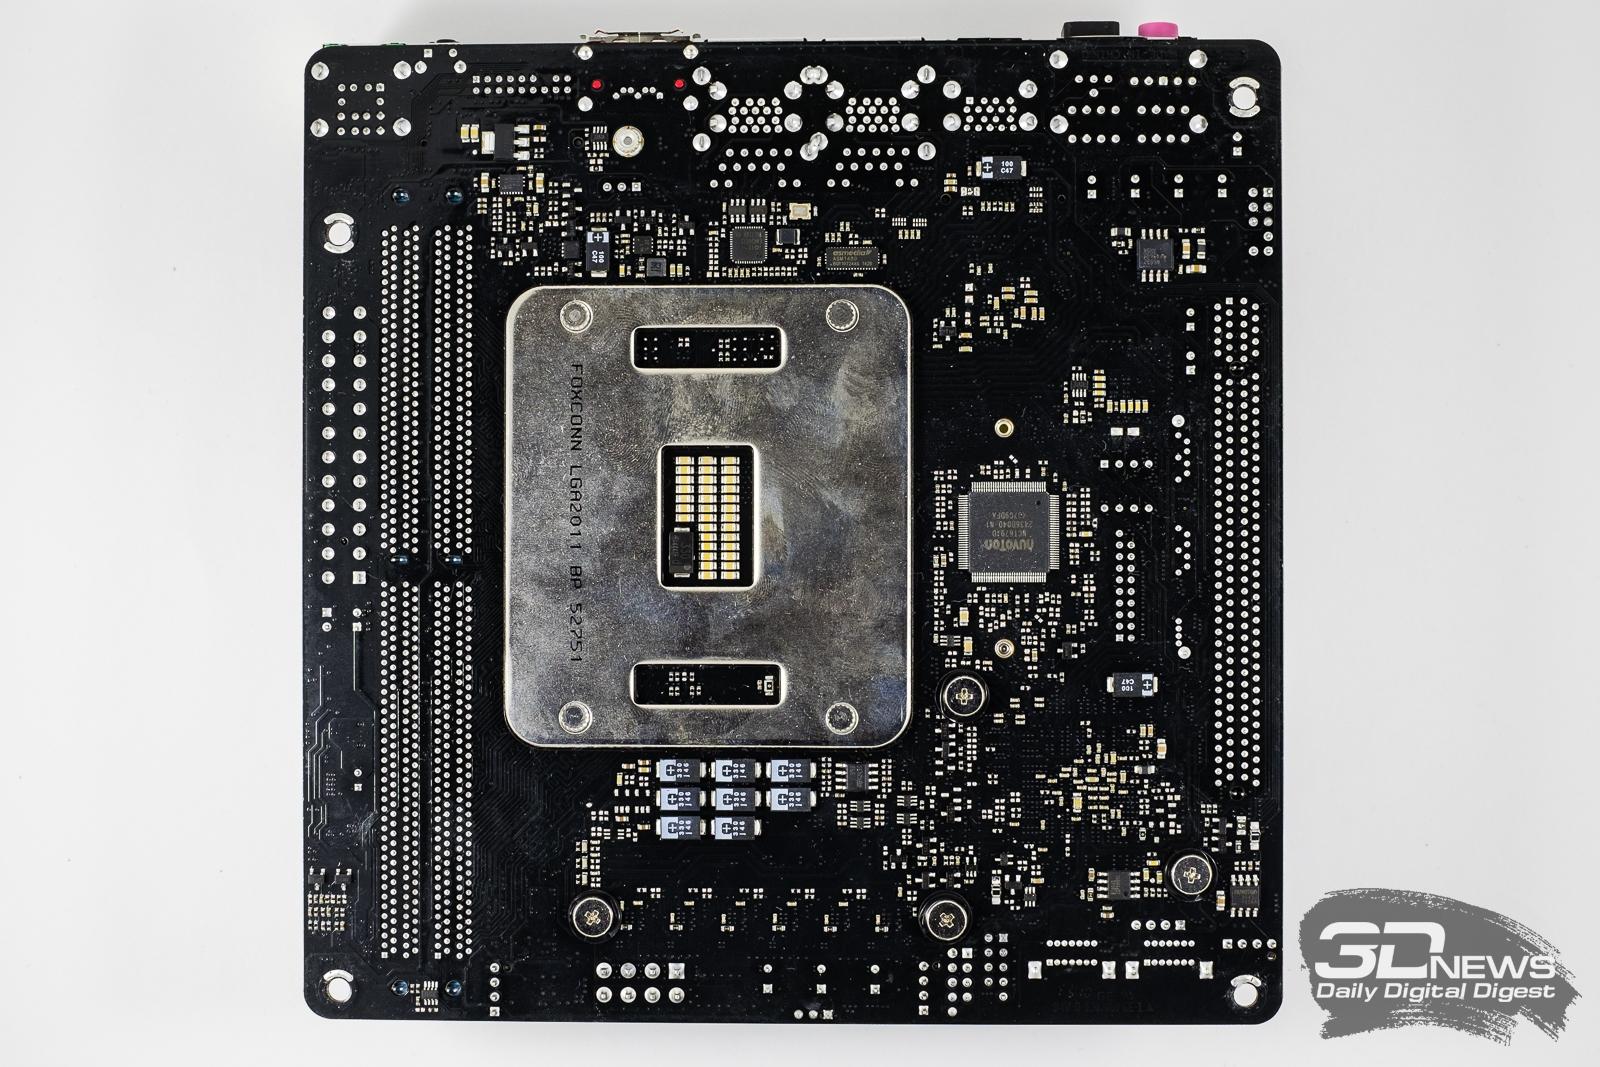 Drivers Update: ASRock X99E-ITX/ac